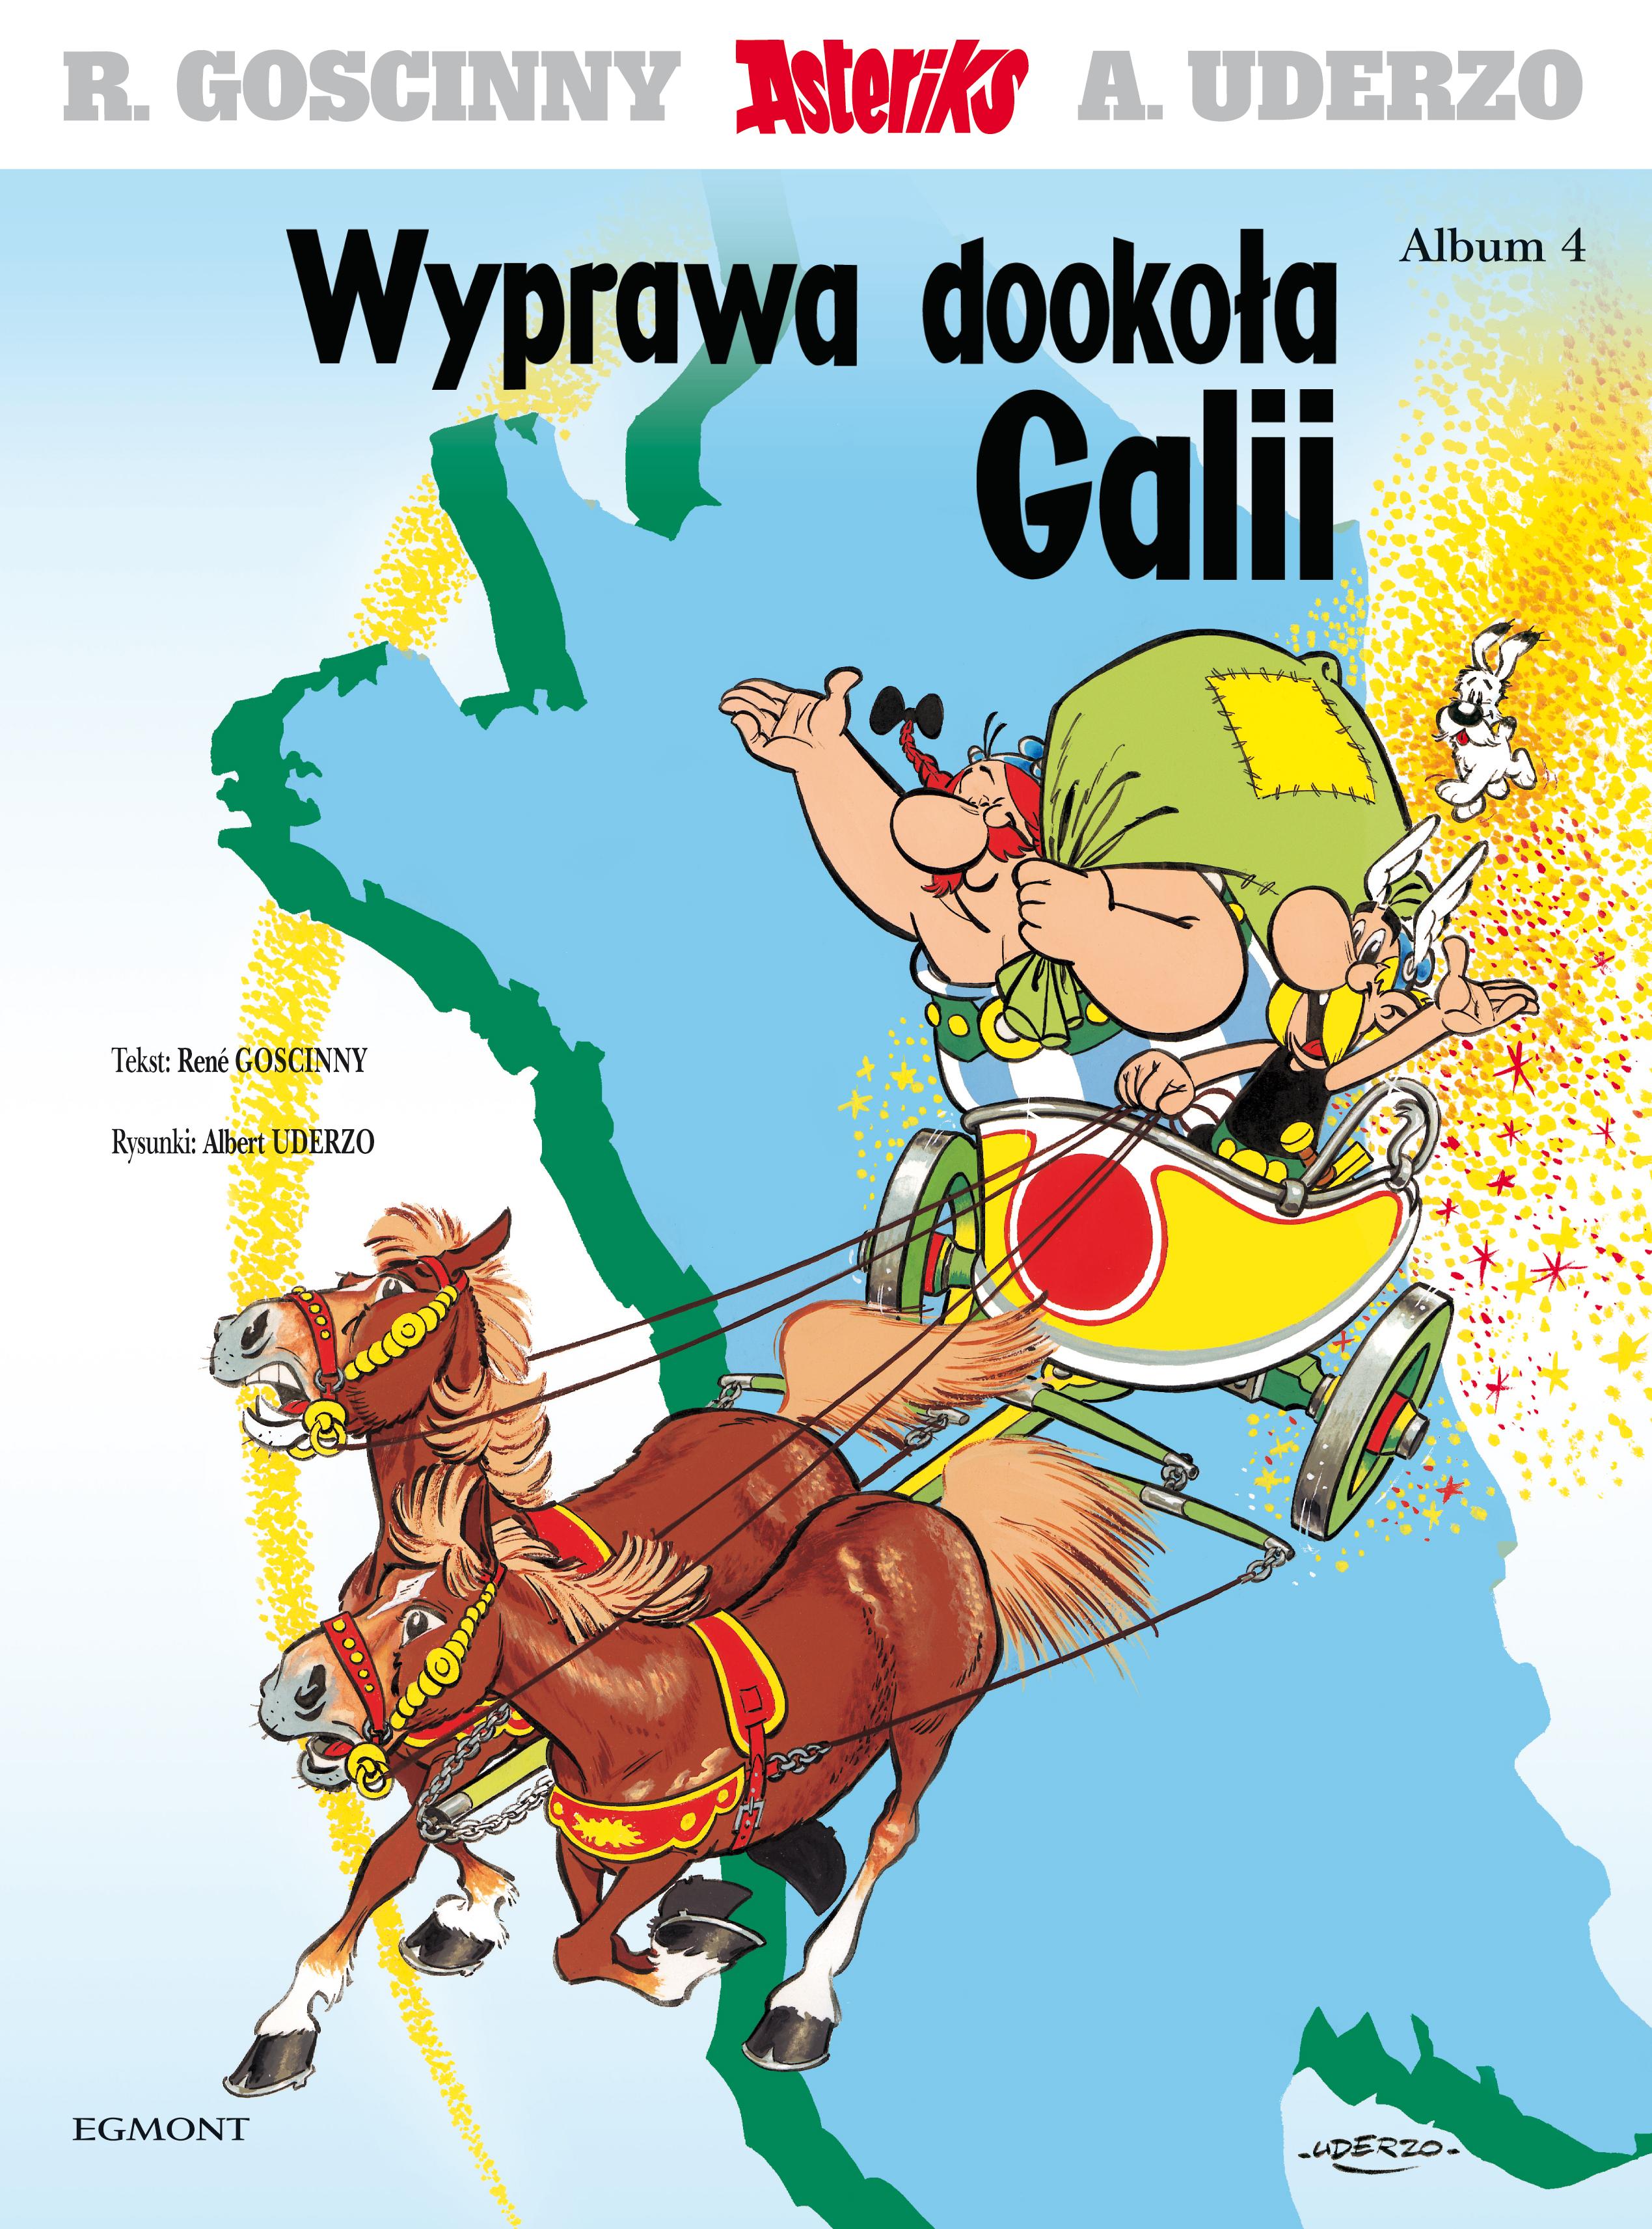 Wyprawa dookoła Galii. Asteriks. Album 4